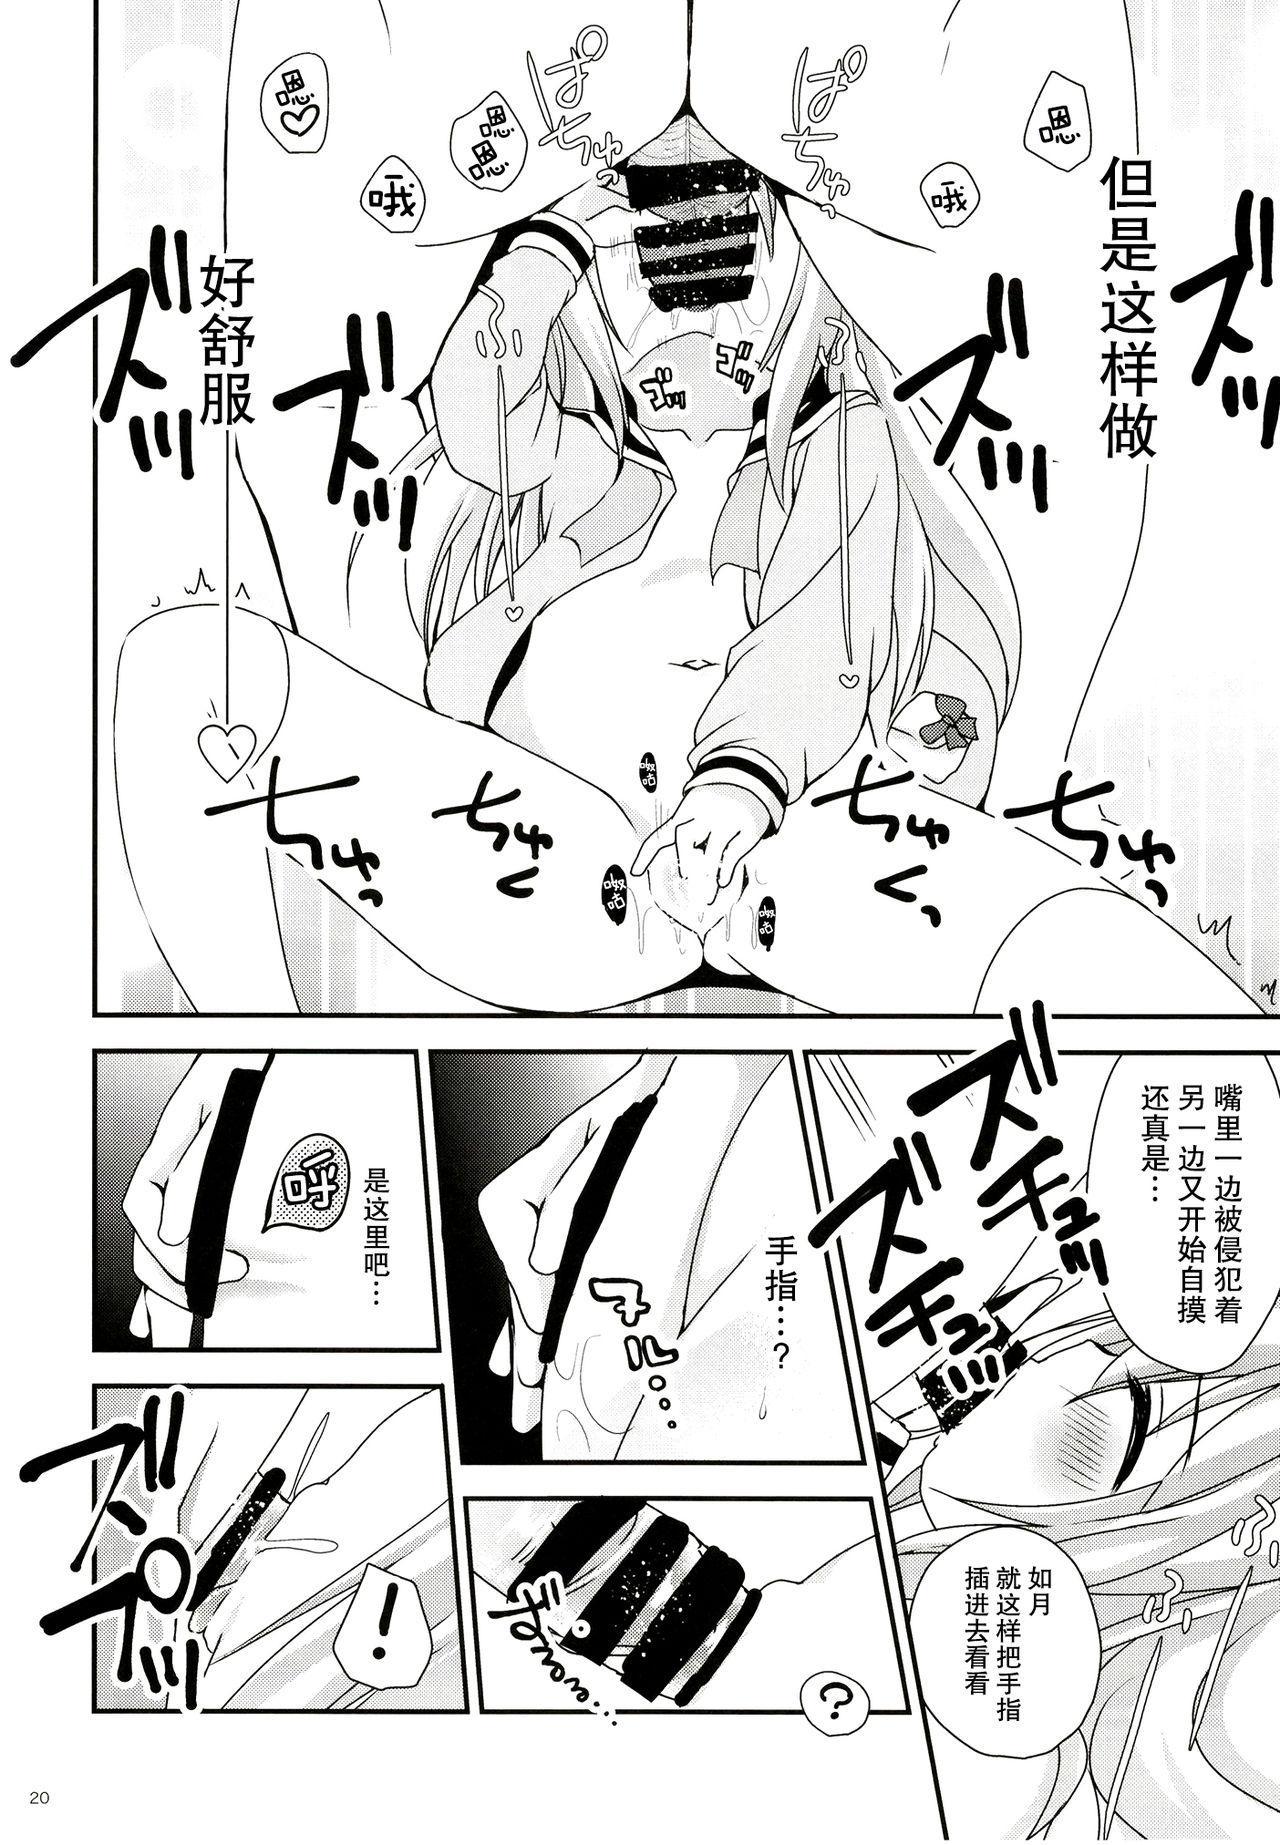 Himitsu no Echi Echi Daikaishuu 22